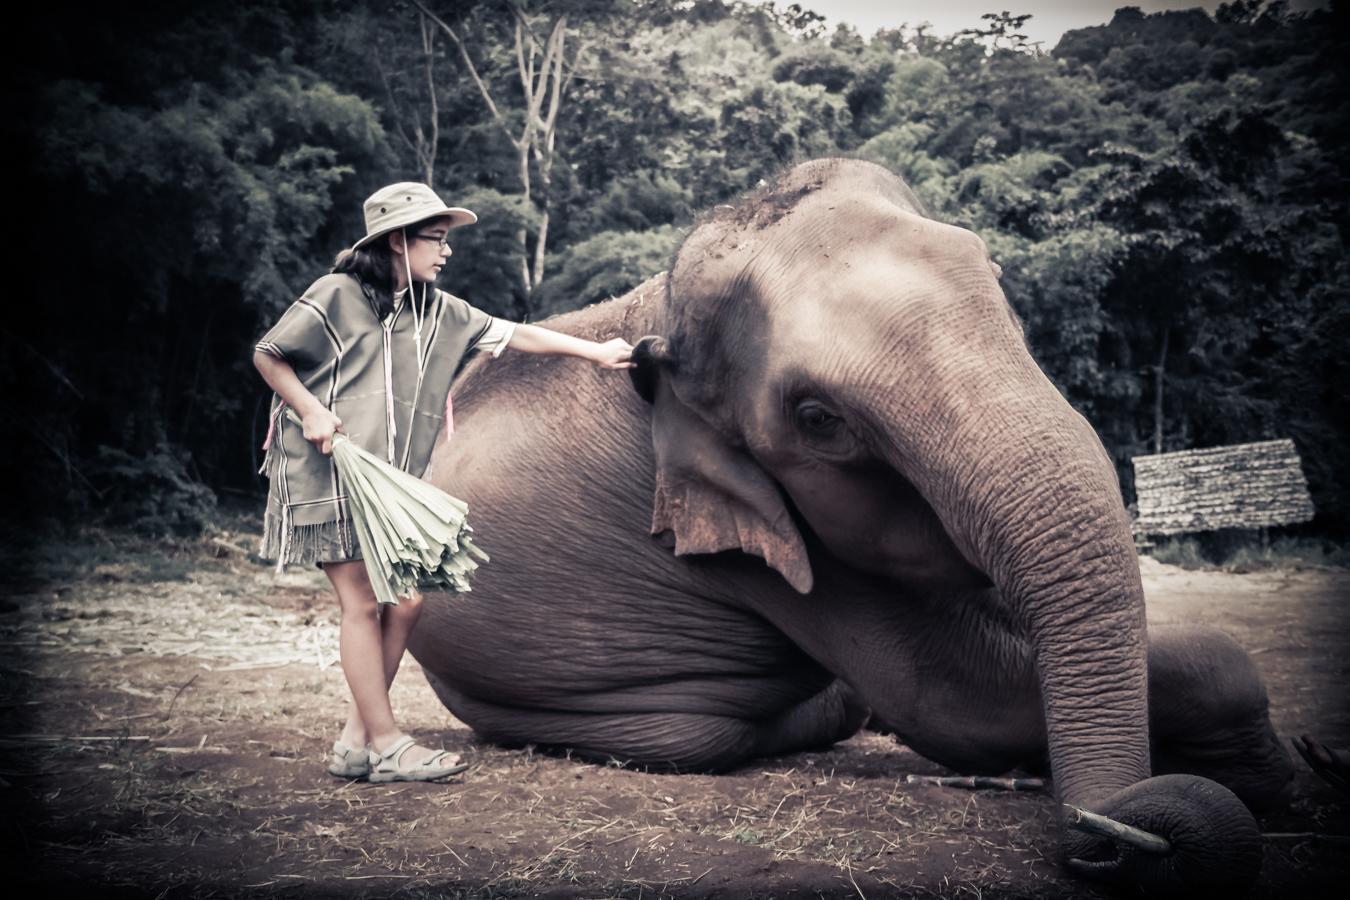 elephants-24